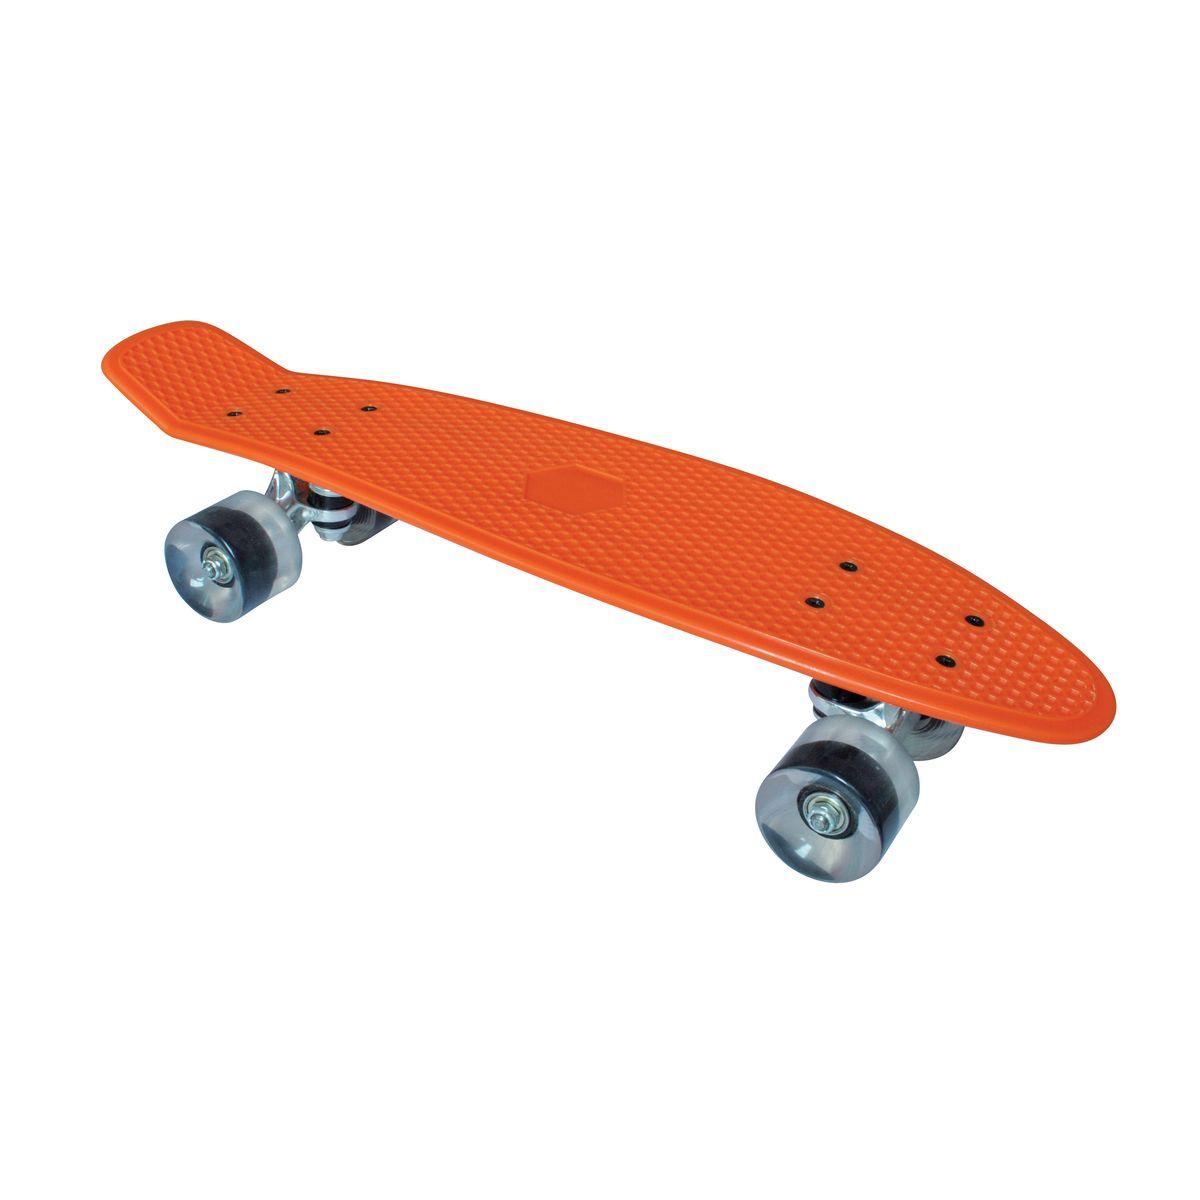 Скейтборд пластиковый Tempish Retro Buffy, цвет: оранжевый8592678027547Пени борд Tempish Buffy нагрузка до 100 кг